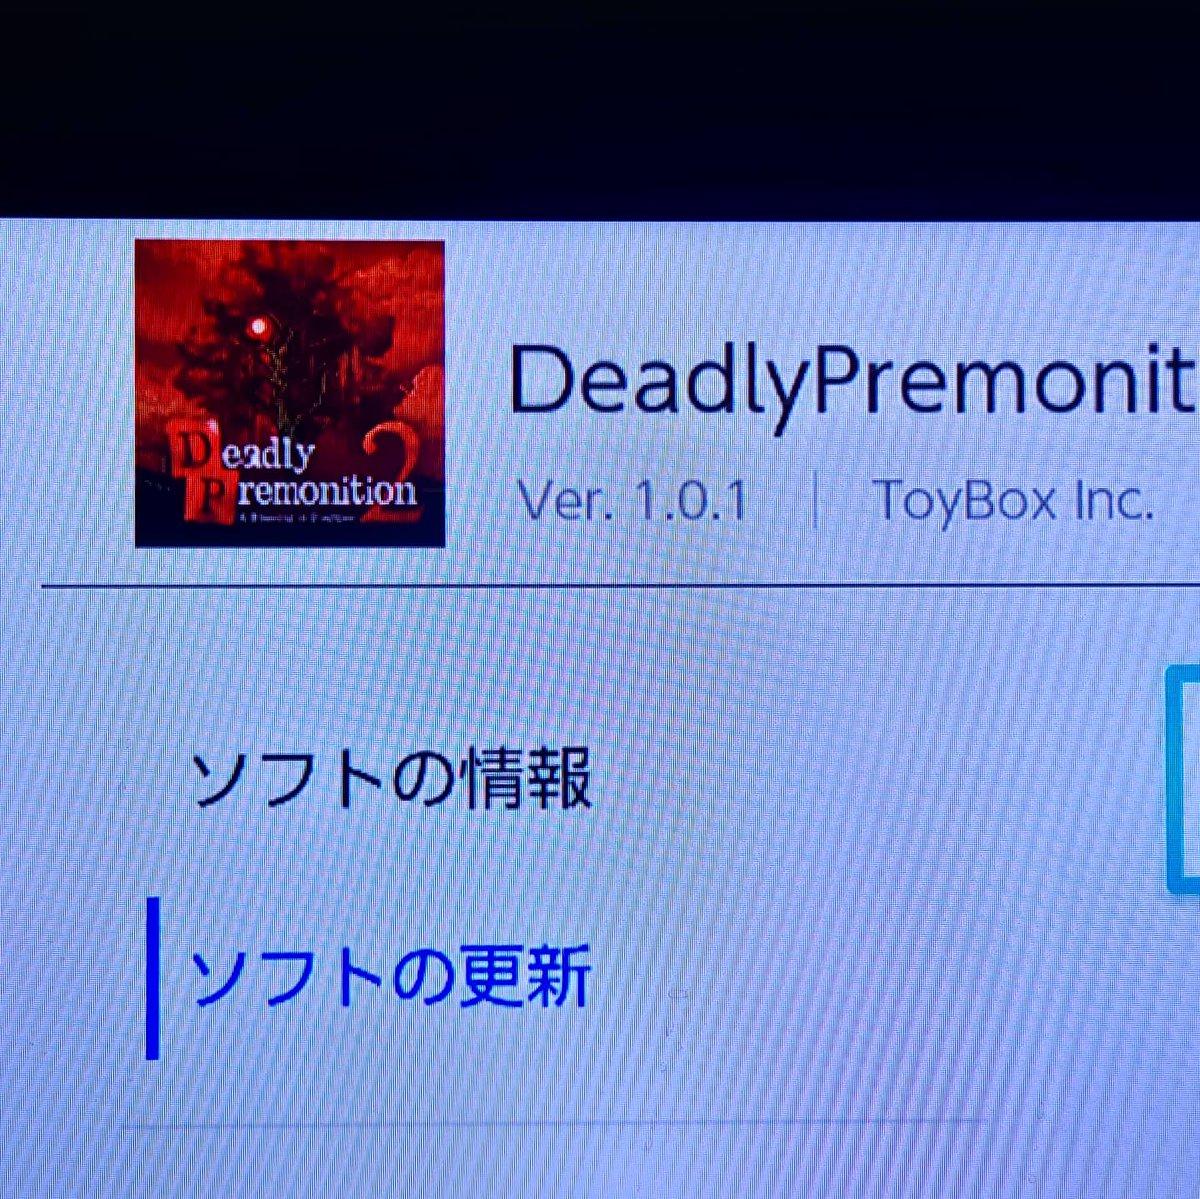 日本のみなさま。おまたせいたしました。 Deadly Premonition 2のパッチ 1.0.1が日本でもリリースされていますので、よろしくお願いいたします。 #deadlypremonition2 https://t.co/AA7QVp284W